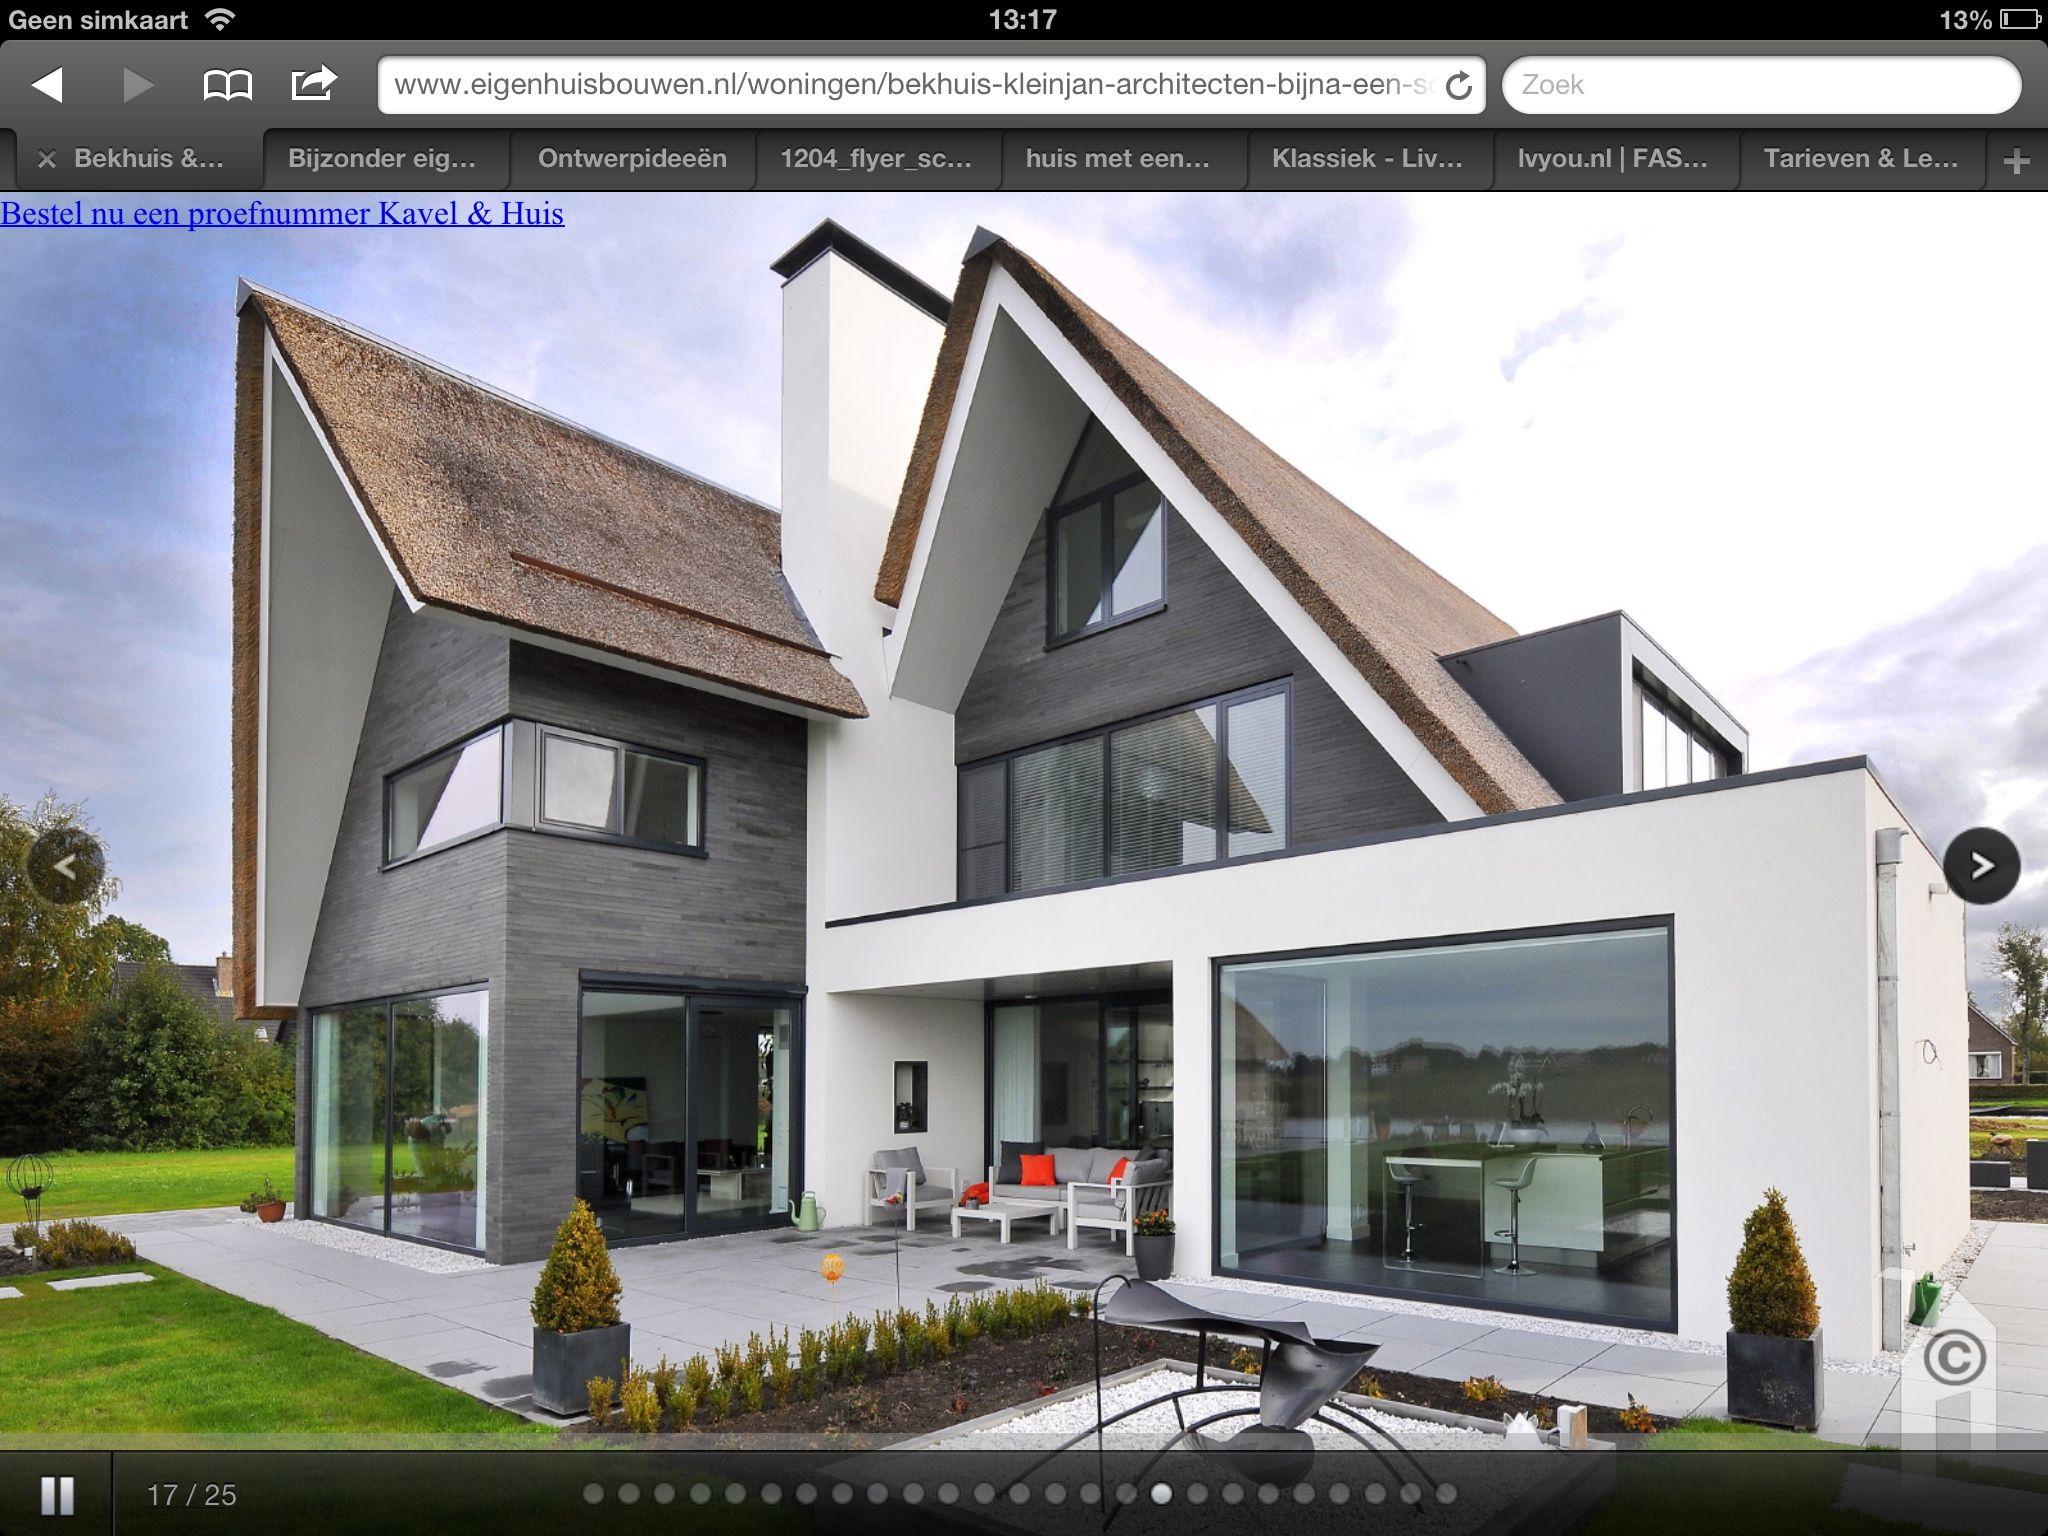 House Design Keuken : Overdekt terras in lijn met uitbouw keuken en schoorsteen. contrast